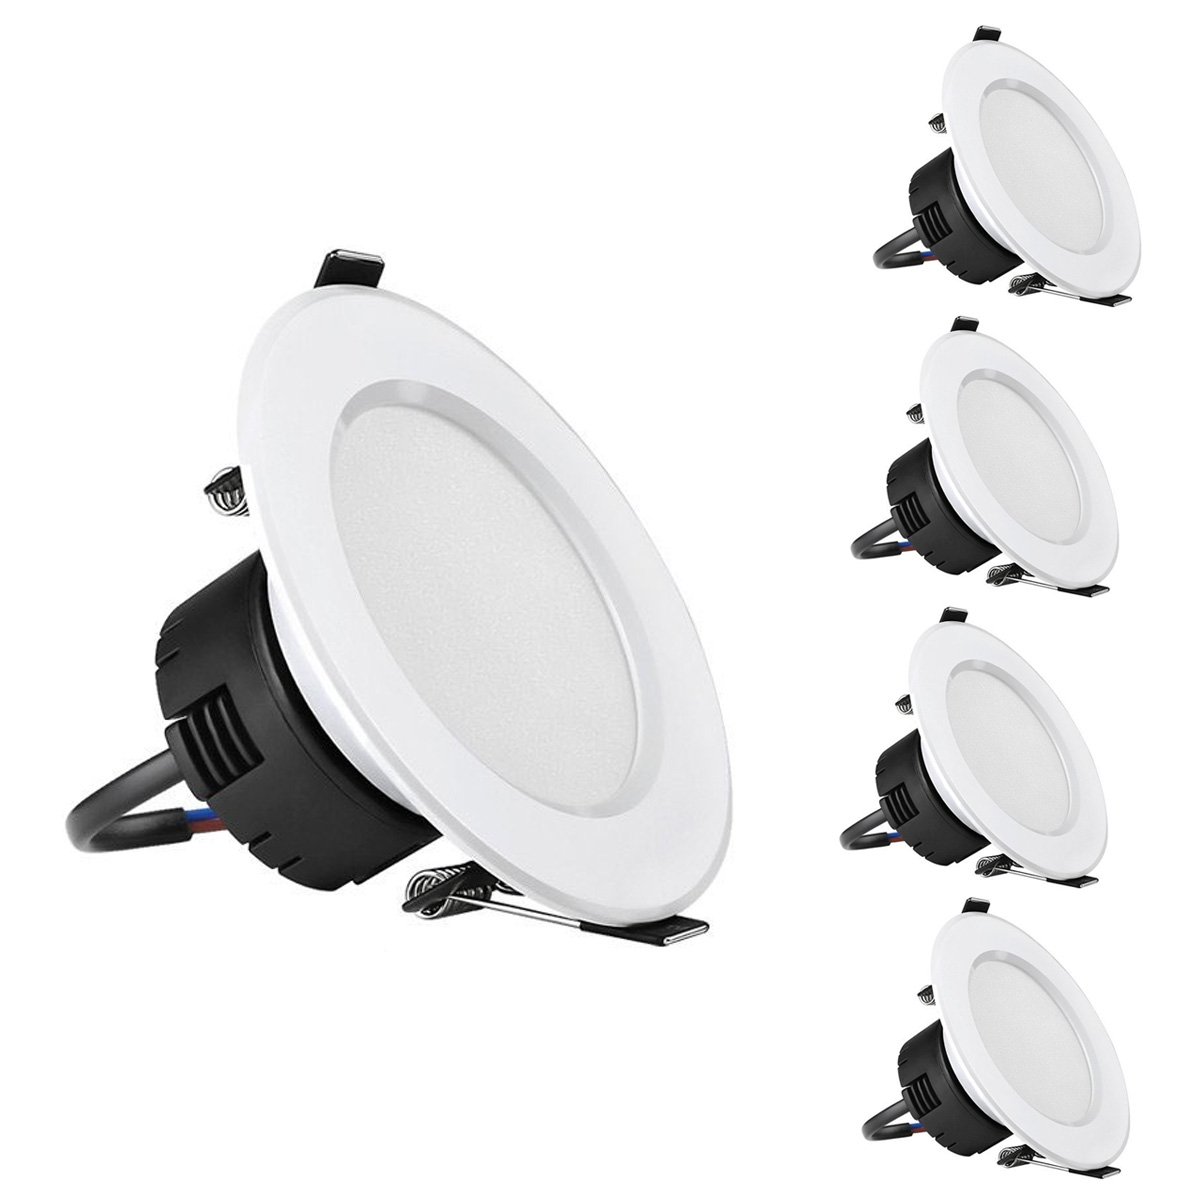 8W LED Einbaustrahler, 400lm, 90mm, entspricht 75W Halogenlampe, Kaltweiß, Downlight,4 Stücke